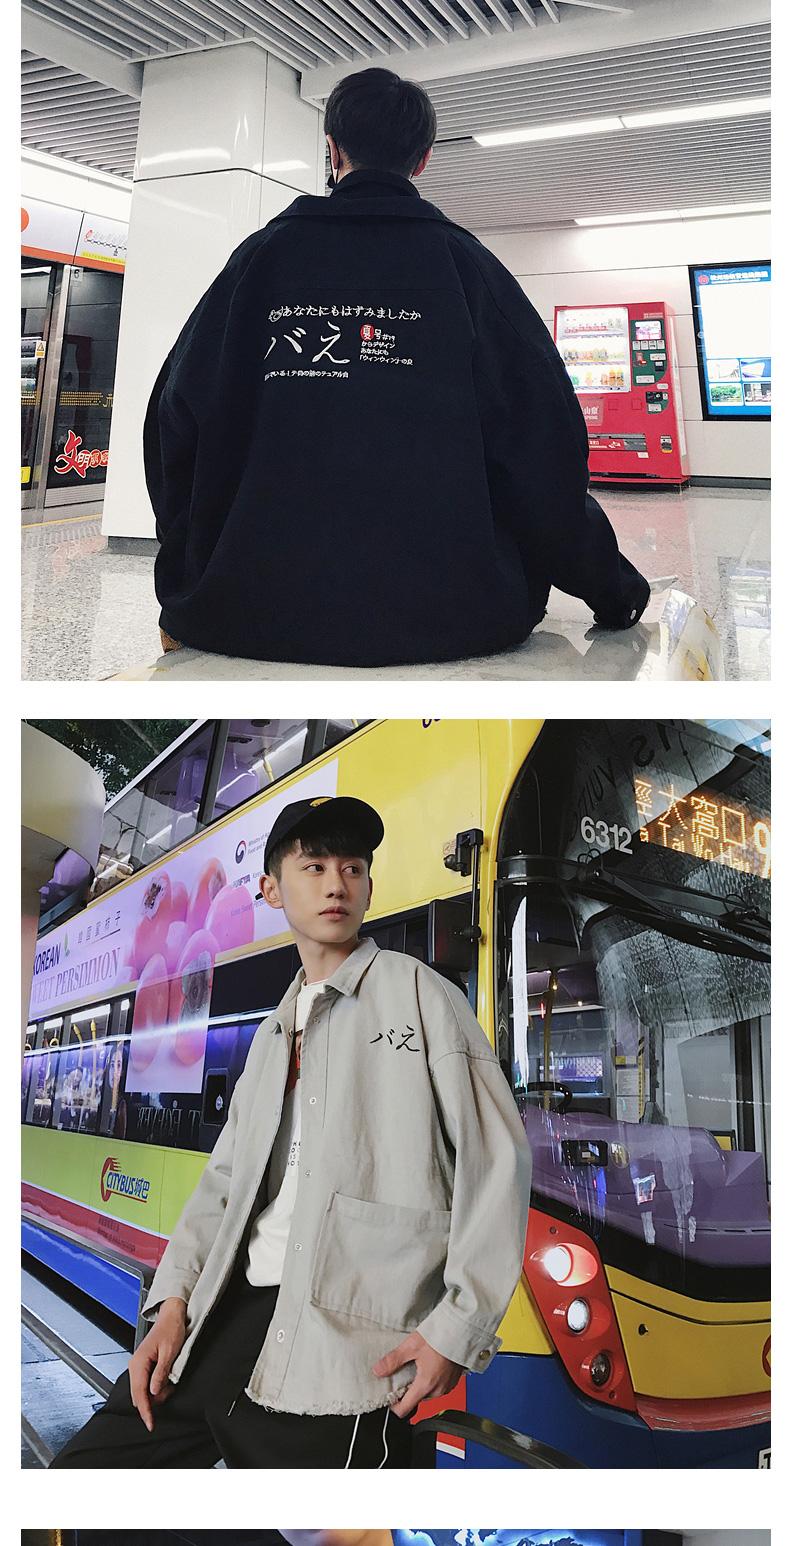 Nhật bản thanh niên thêu đơn giản denim lỏng áo khoác 2018 mùa xuân đàn ông mới của ve áo triều thương hiệu dụng cụ áo khoác